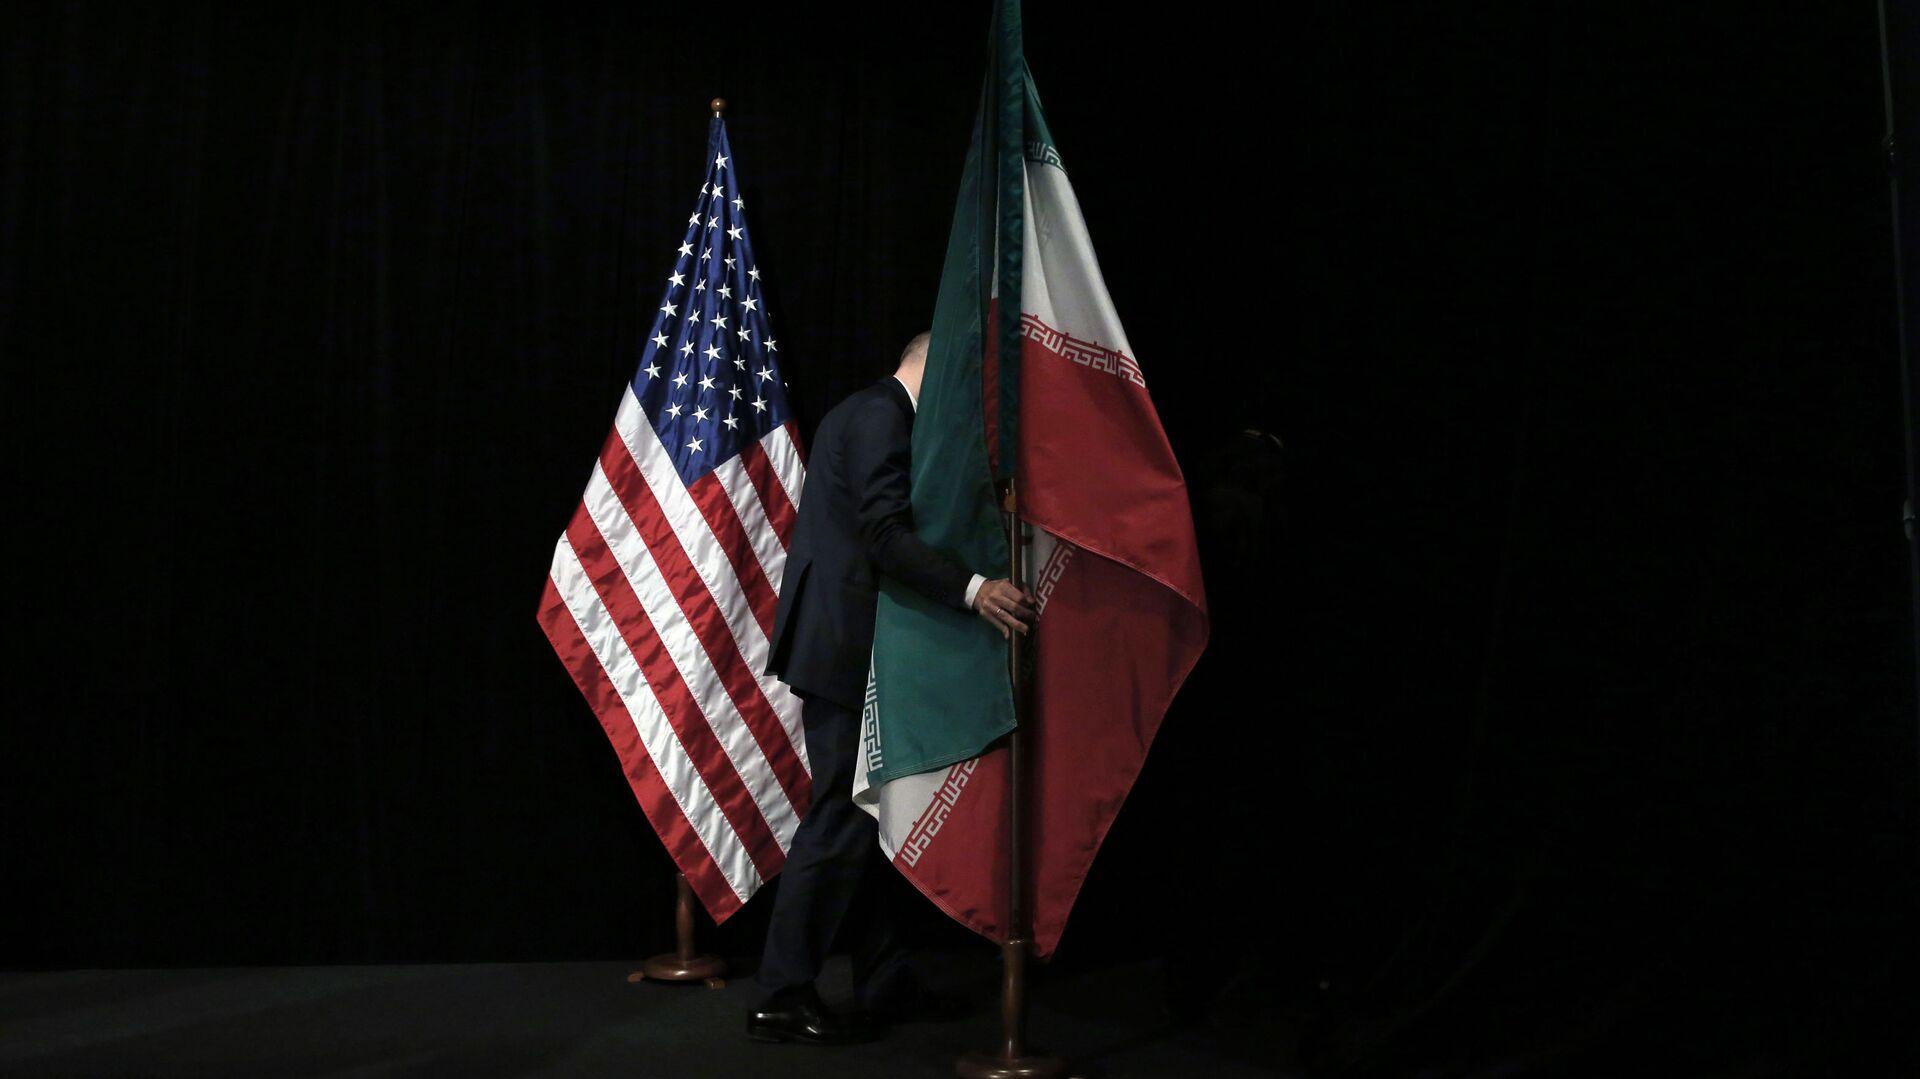 Le bandiere degli Usa e dell'Iran - Sputnik Italia, 1920, 19.04.2021